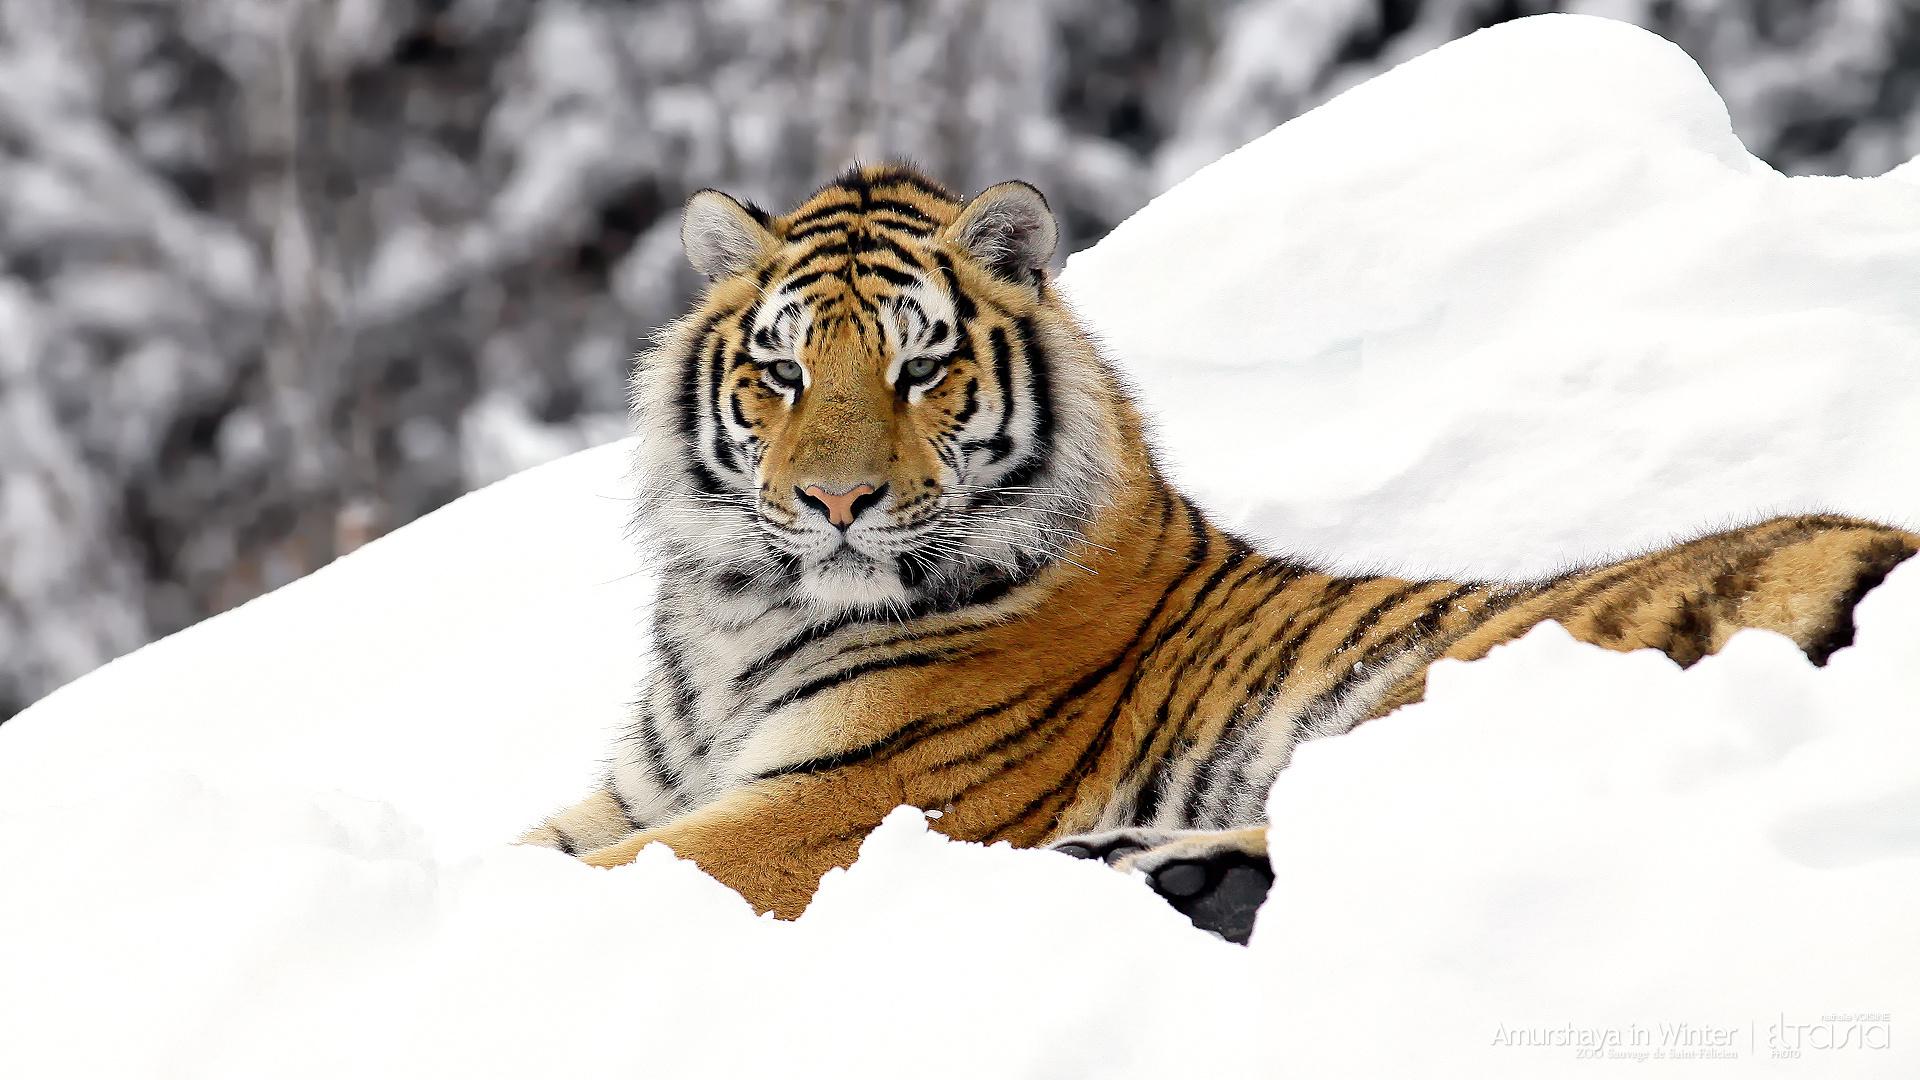 природа животные тигр снег зима в хорошем качестве